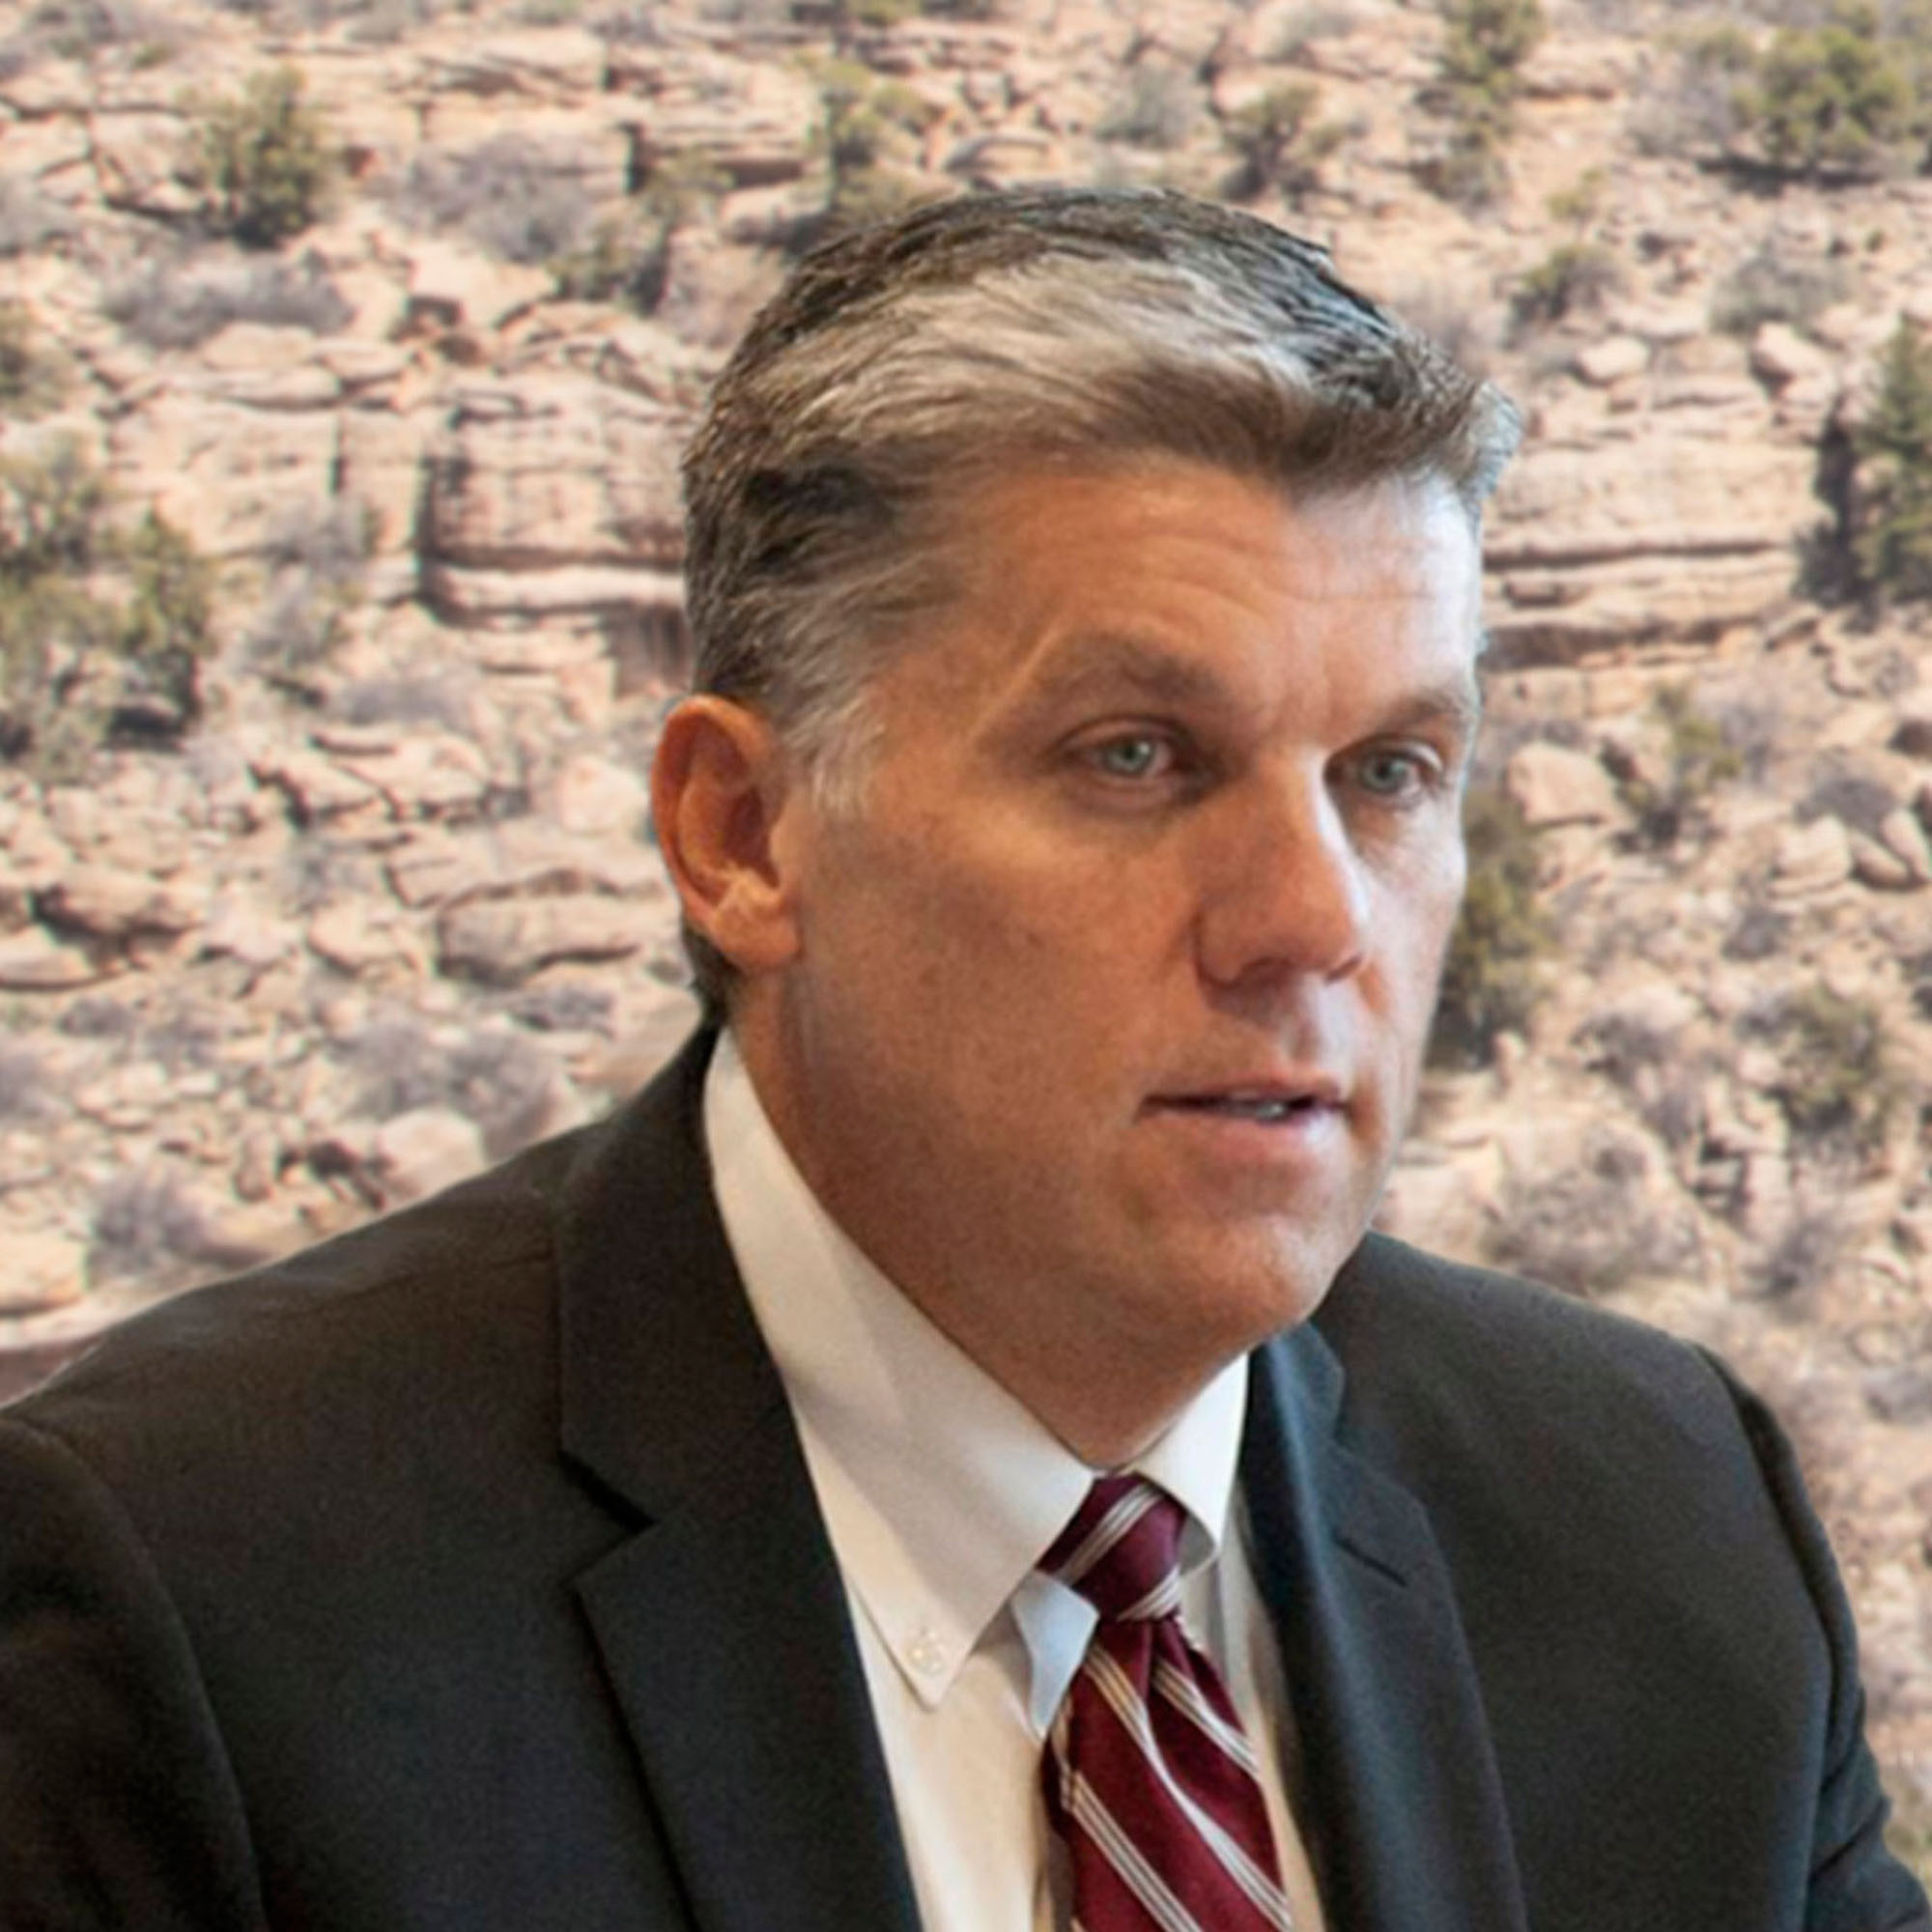 Phil Lyman